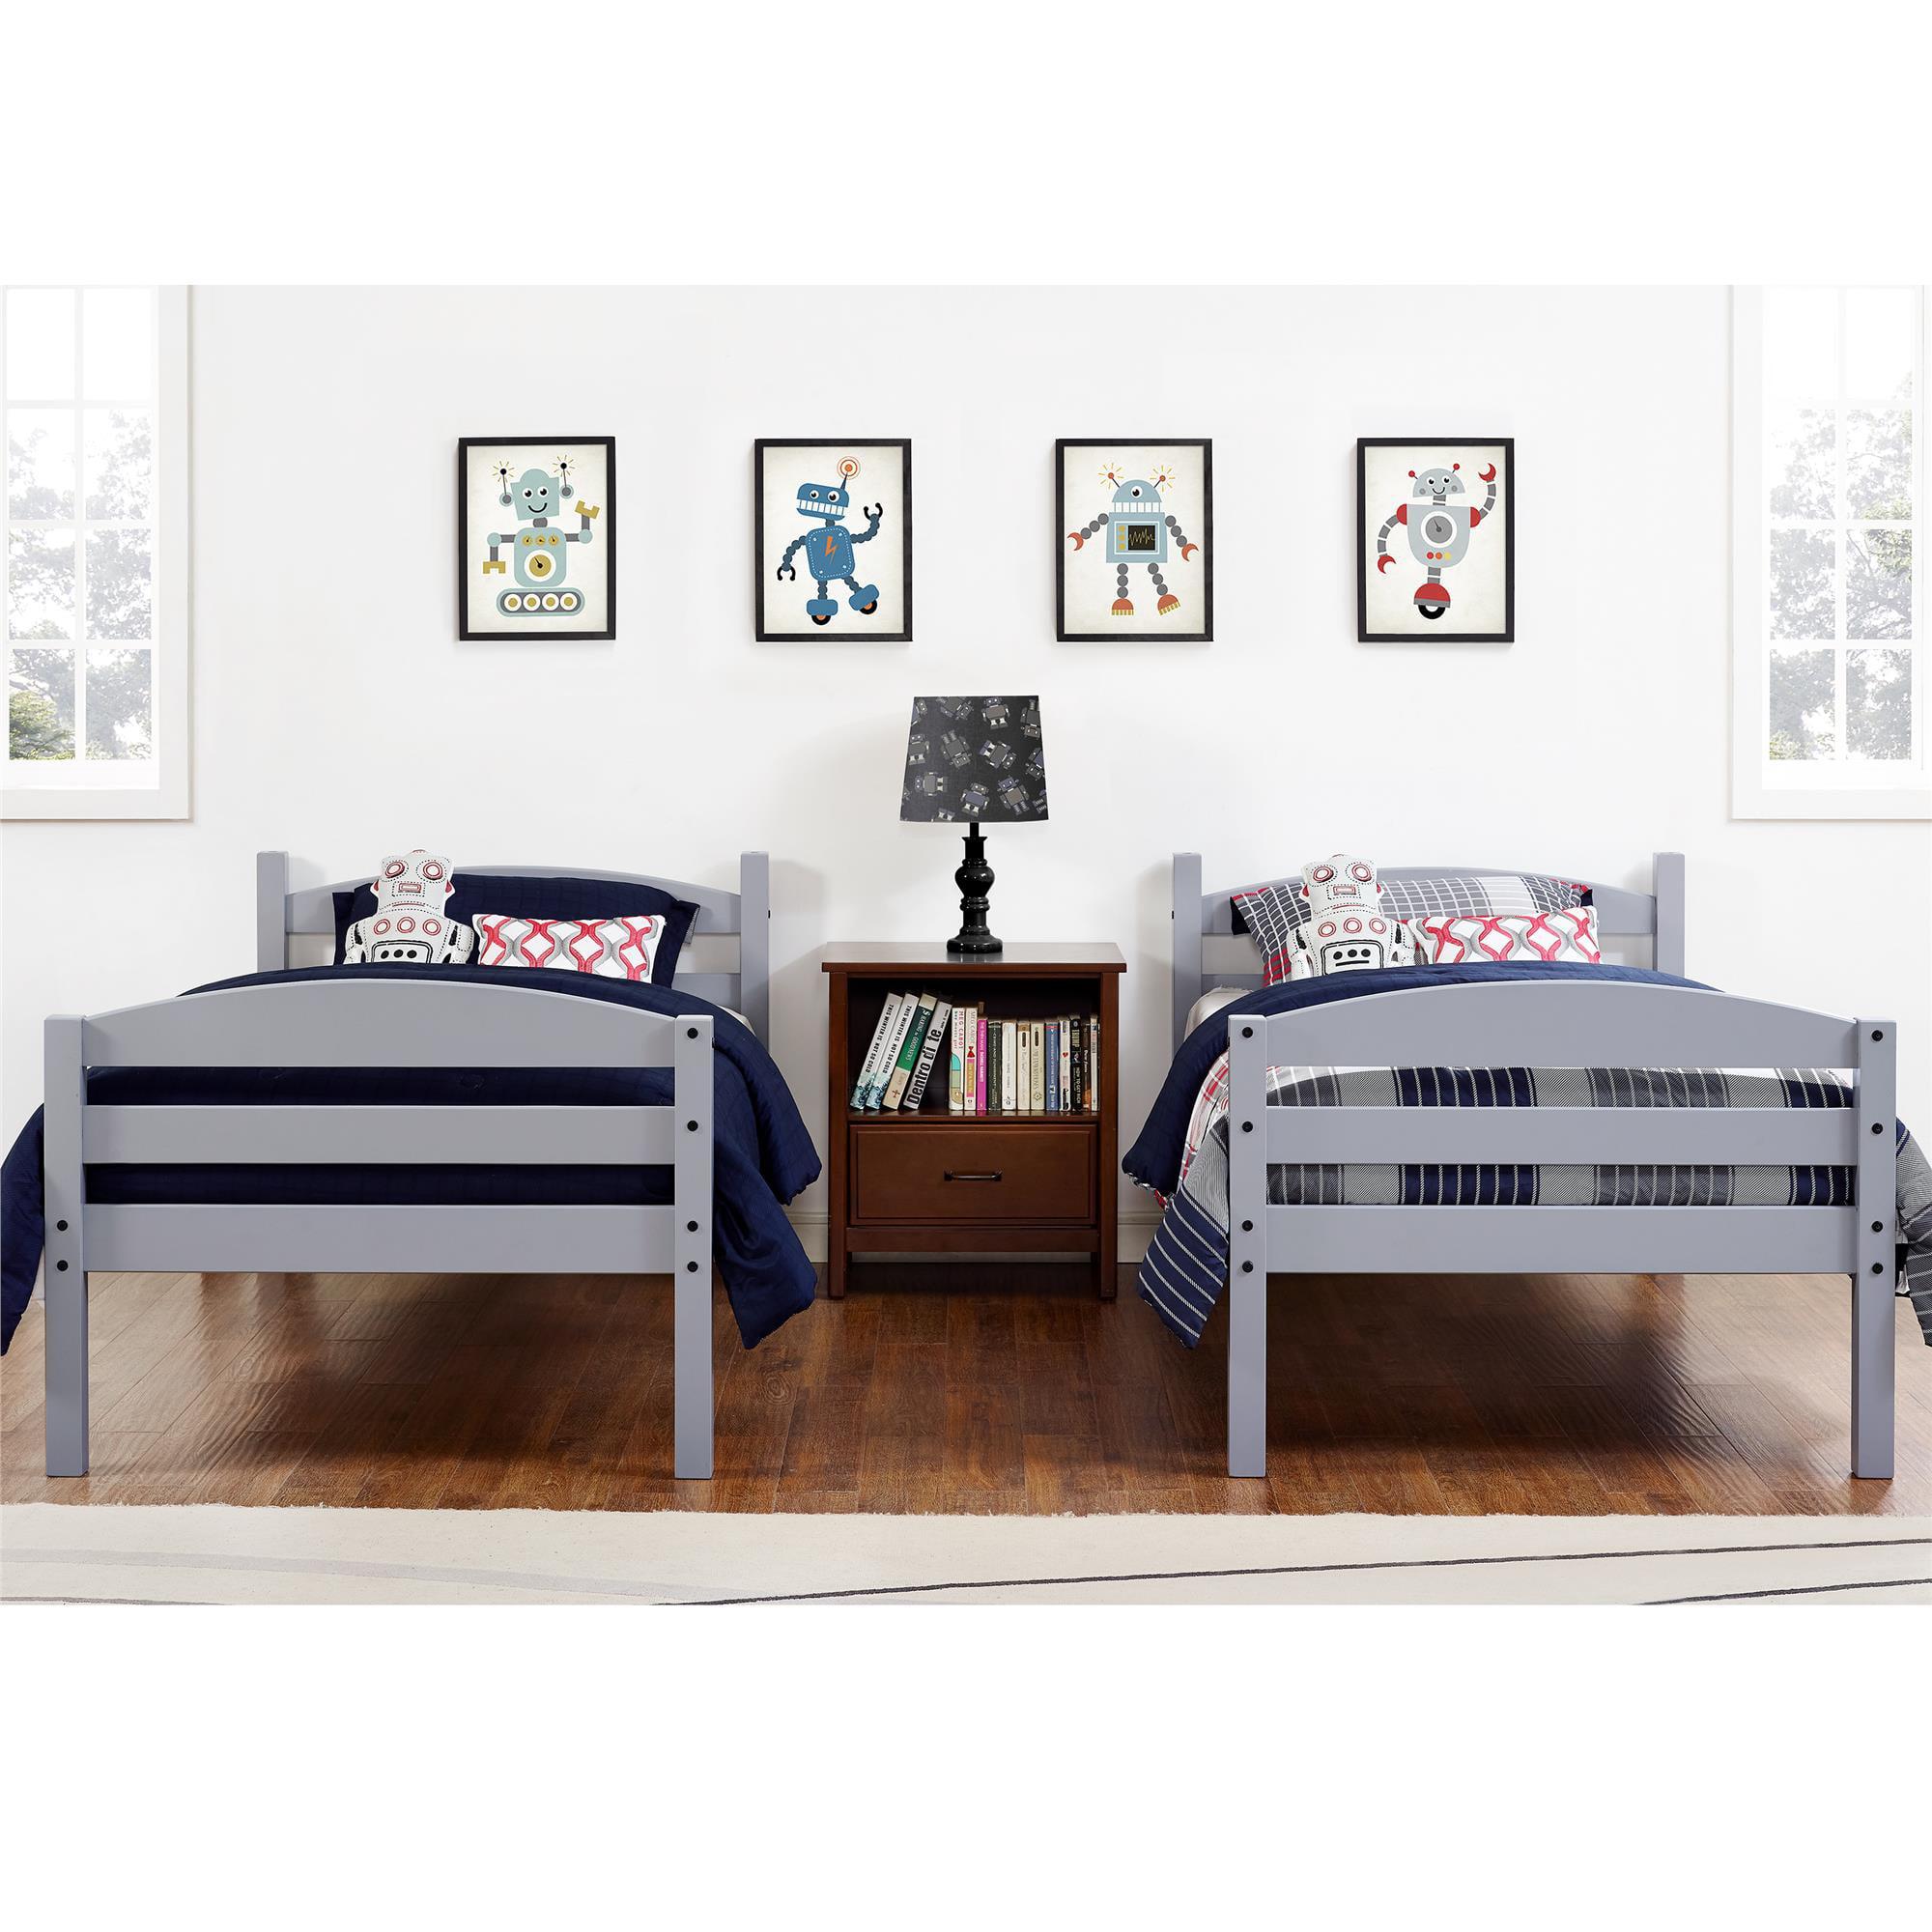 Bunk Beds Frame Bedroom Furniture For Kids Men Twin Clearance Wood - Girl bedroom furniture clearance